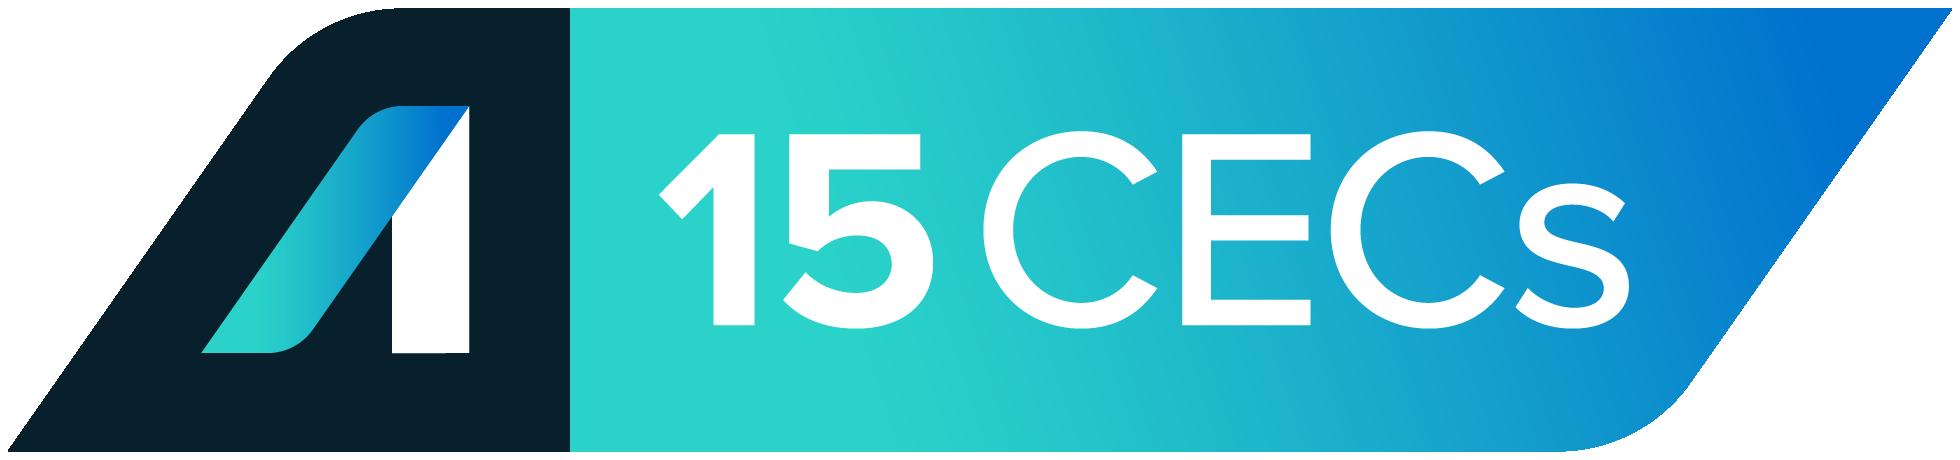 15 CECS